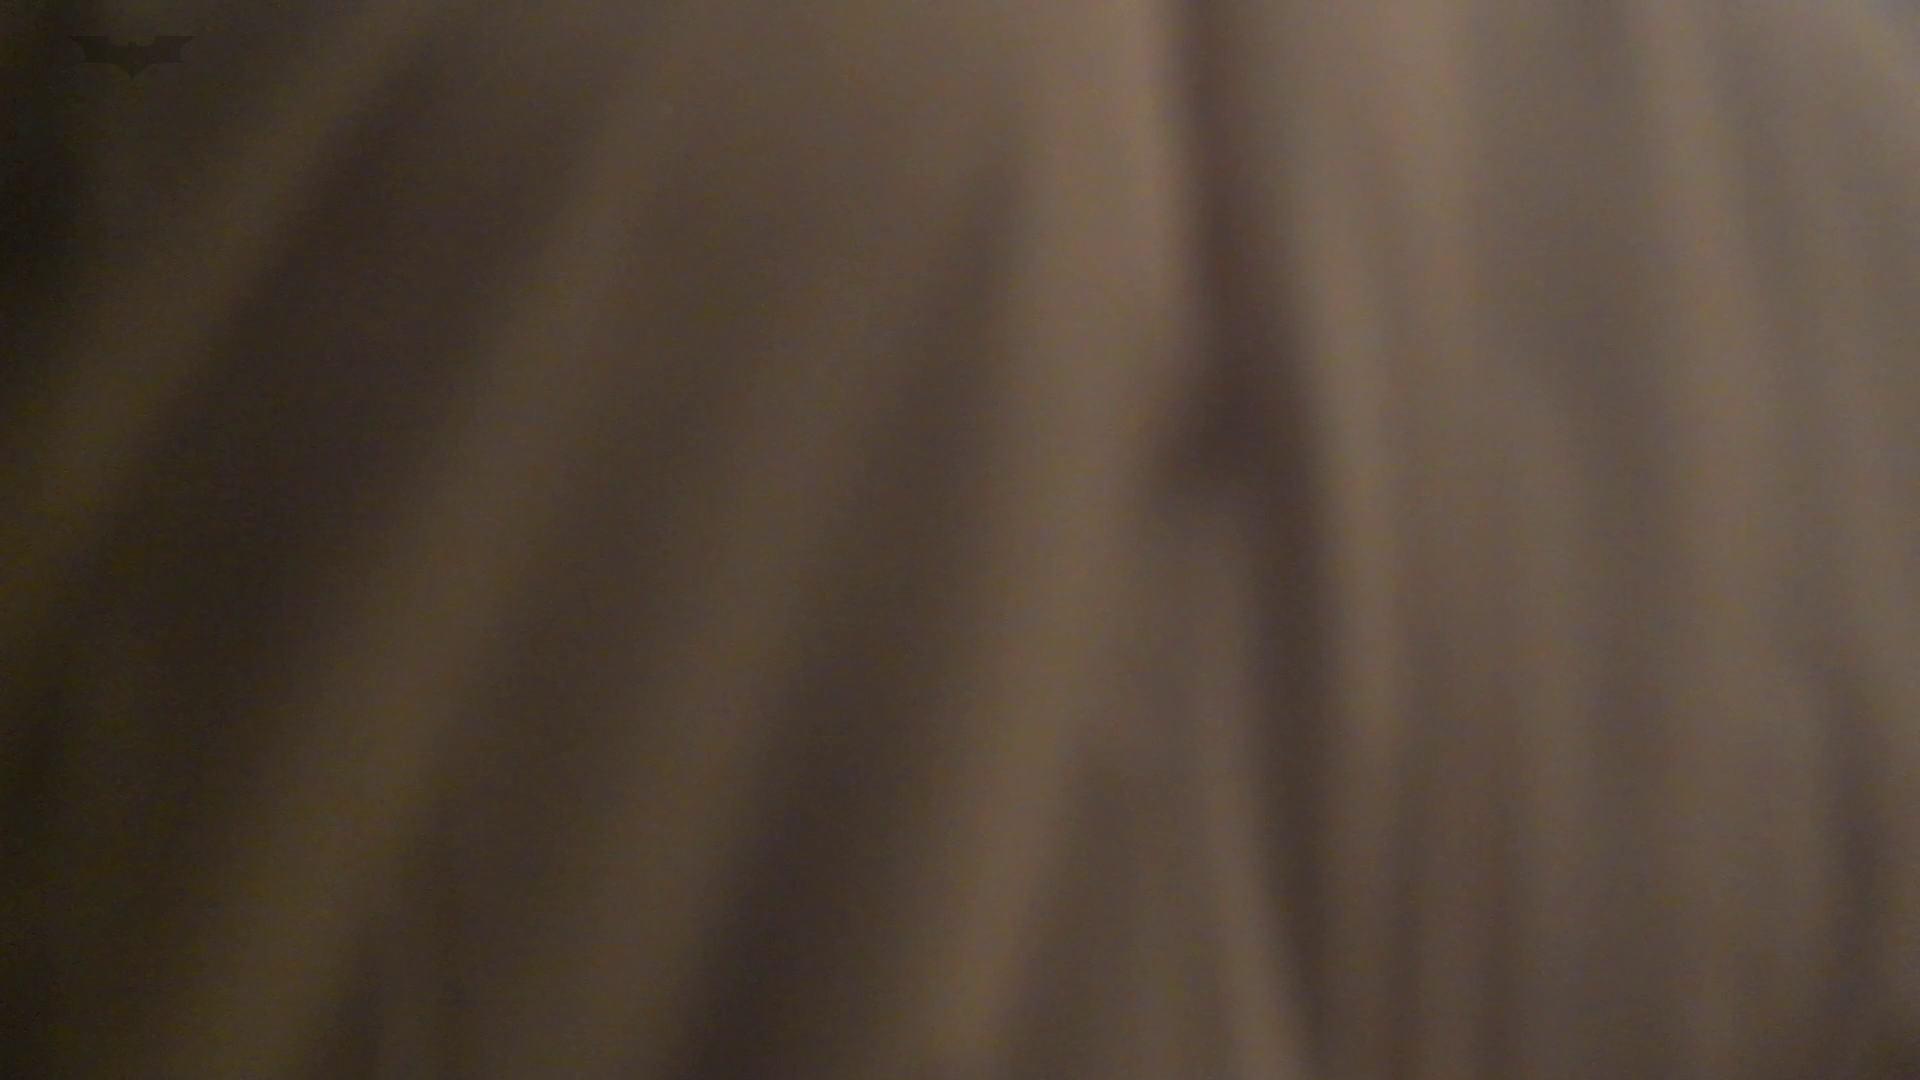 ヒトニアラヅNo.01 侵入 ギャル エロ無料画像 81連発 8